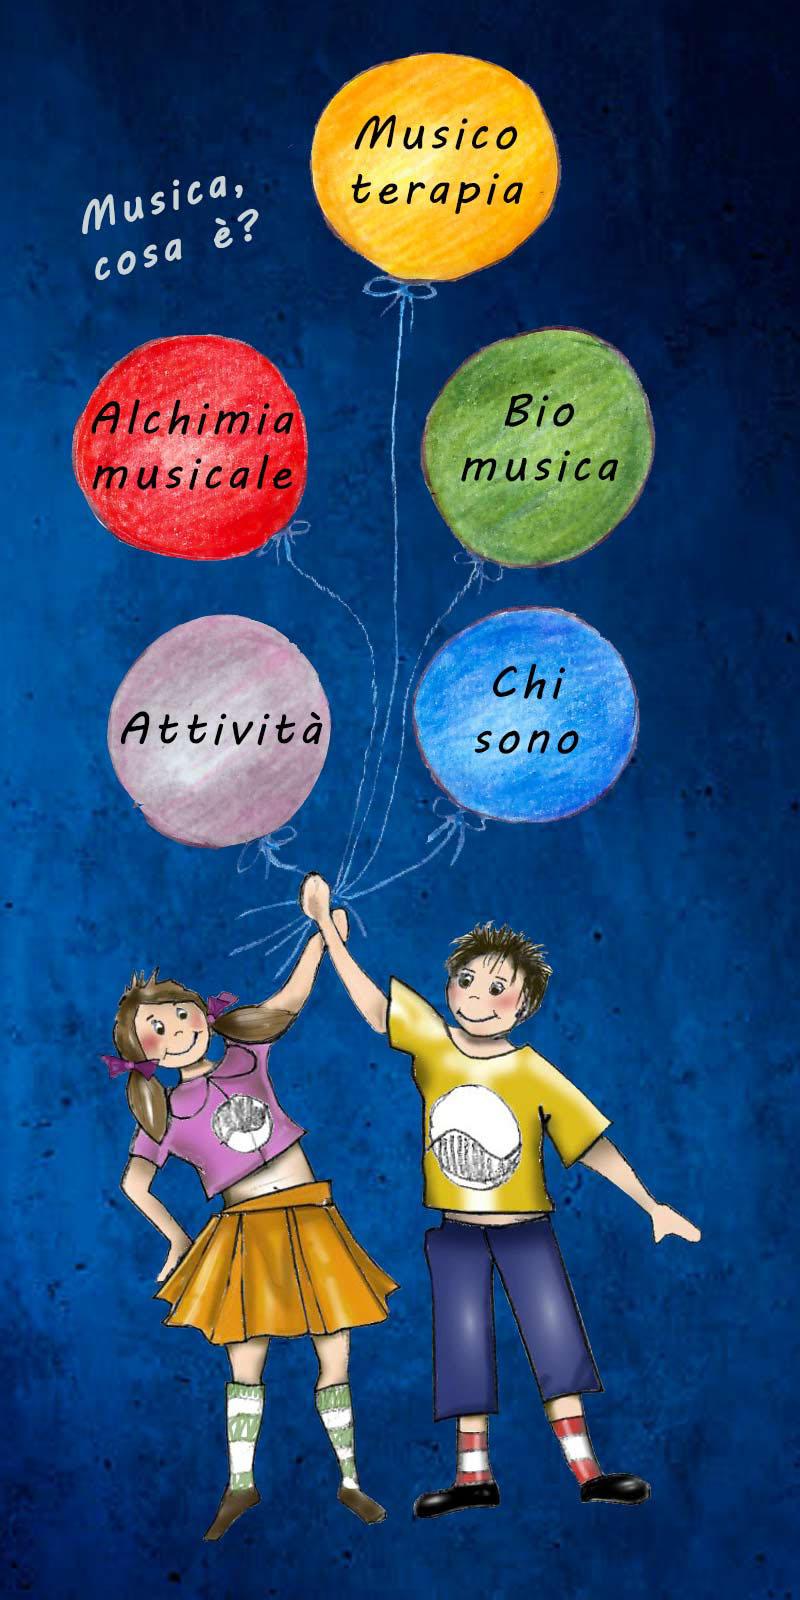 disegno di bambini con palloncini colorati